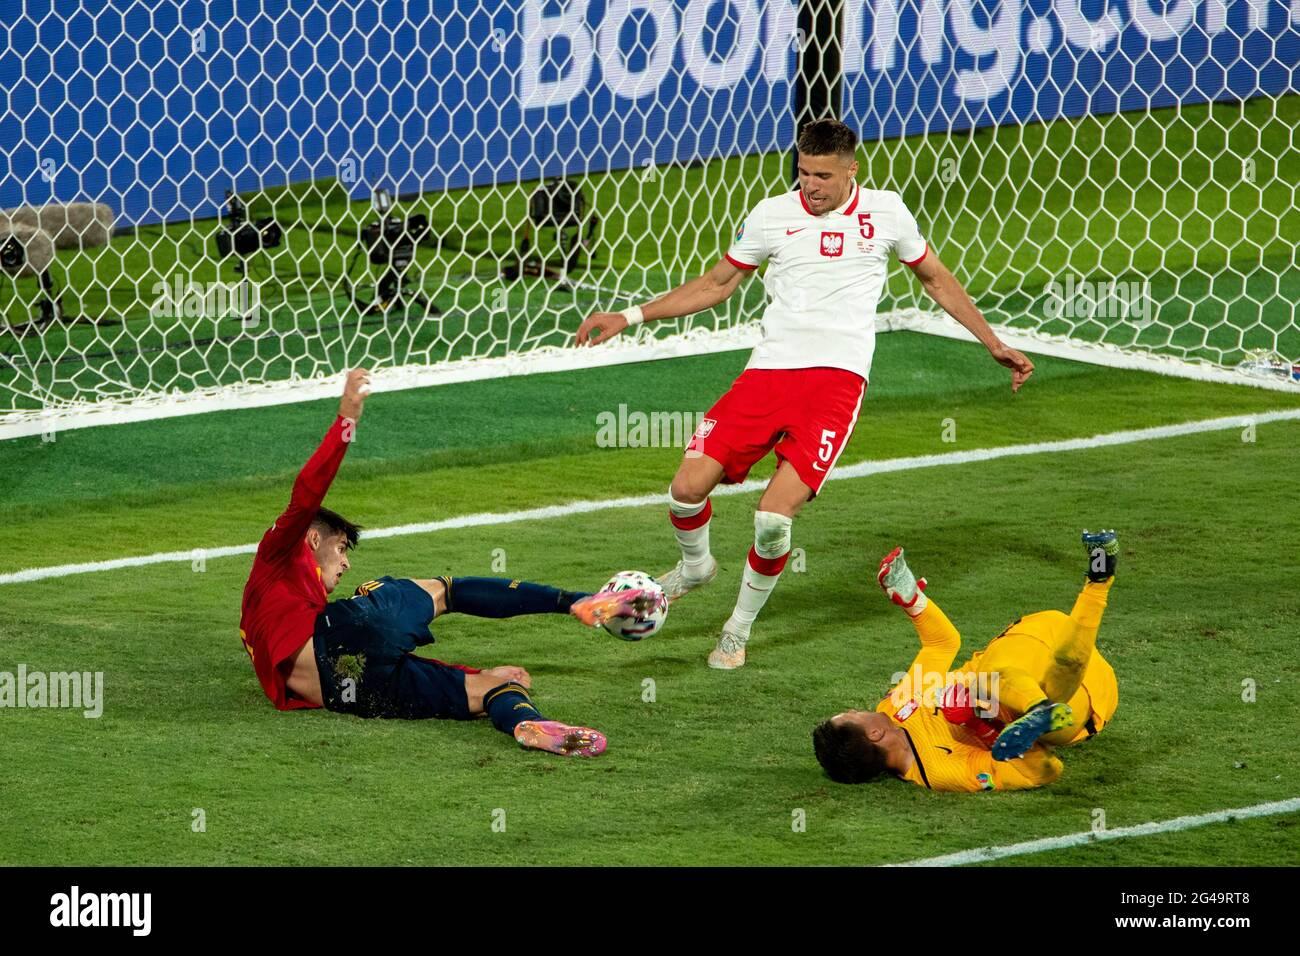 Séville, Espagne. 19 juin 2021. Alvaro Morata (L) d'Espagne tire le ballon lors du match du Groupe E entre l'Espagne et la Pologne à l'Euro 2020 de l'UEFA à Séville, Espagne, le 19 juin 2021. Credit: Meng Dingbo/Xinhua/Alay Live News Banque D'Images